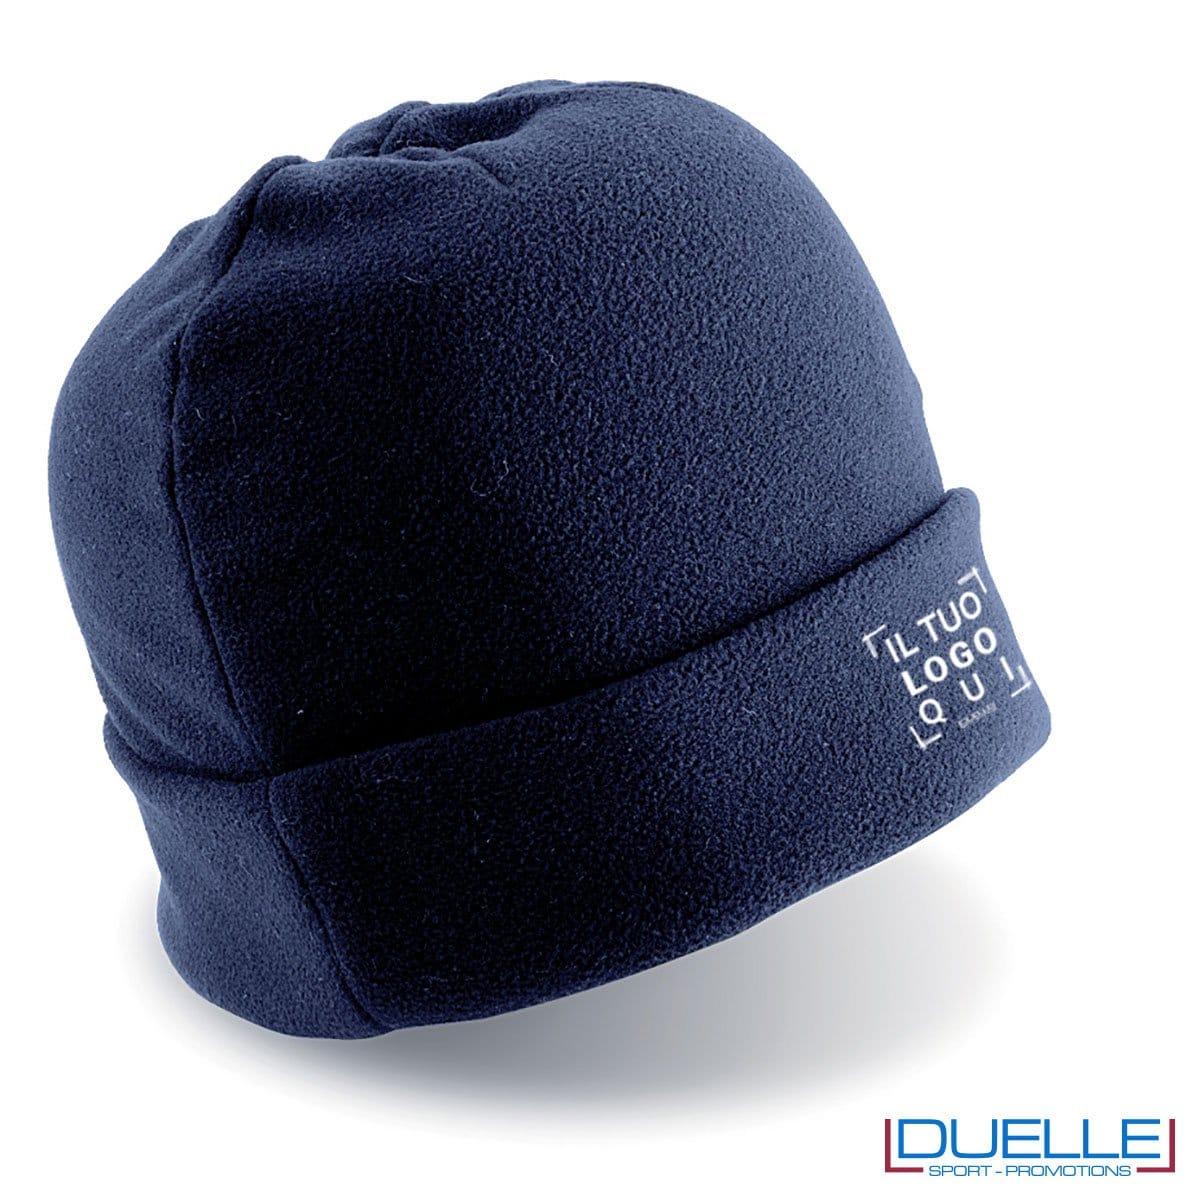 cappello personalizzato in pile colore blu, berretto personalizzato inverno